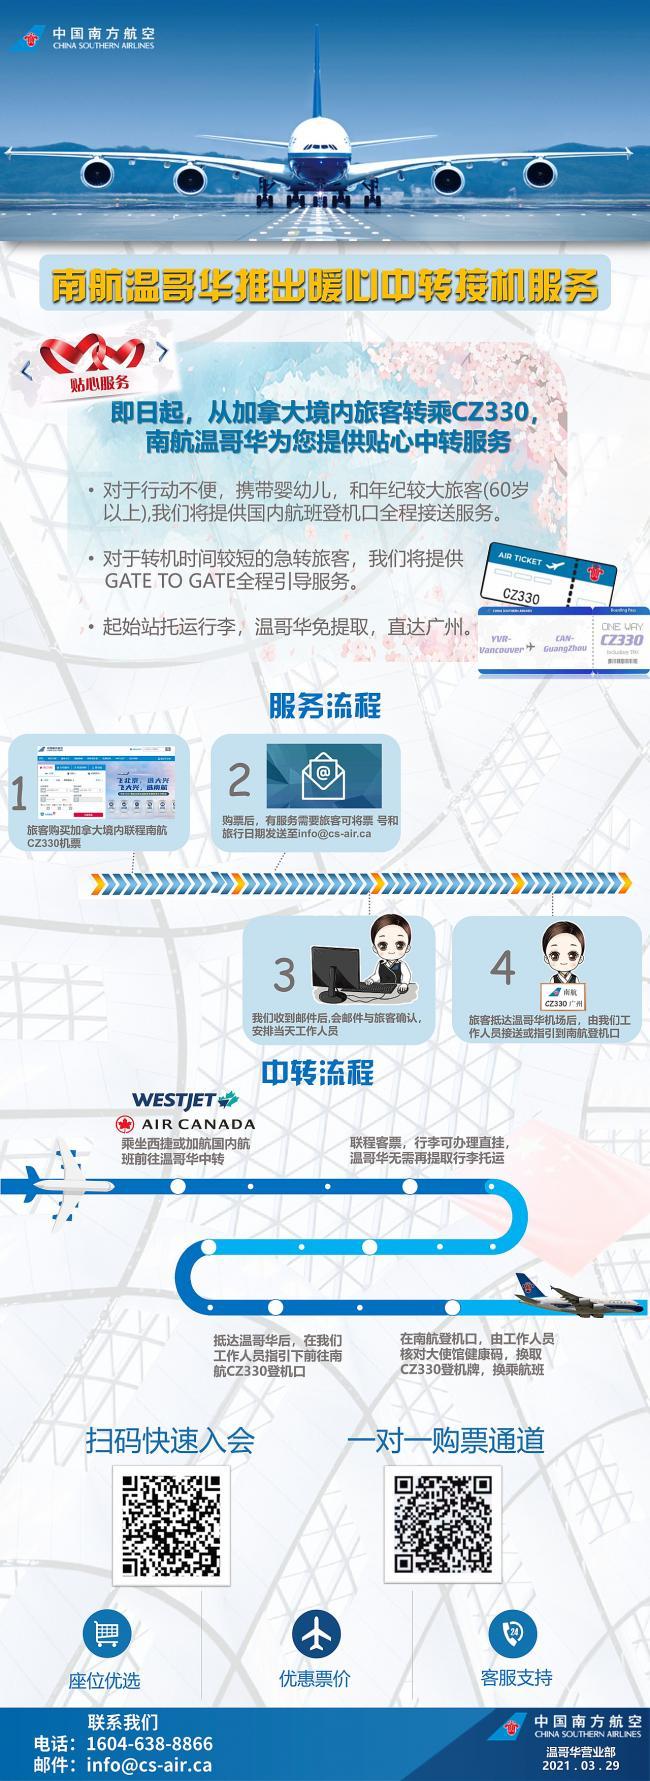 WeChat Image_20210330101337.jpg